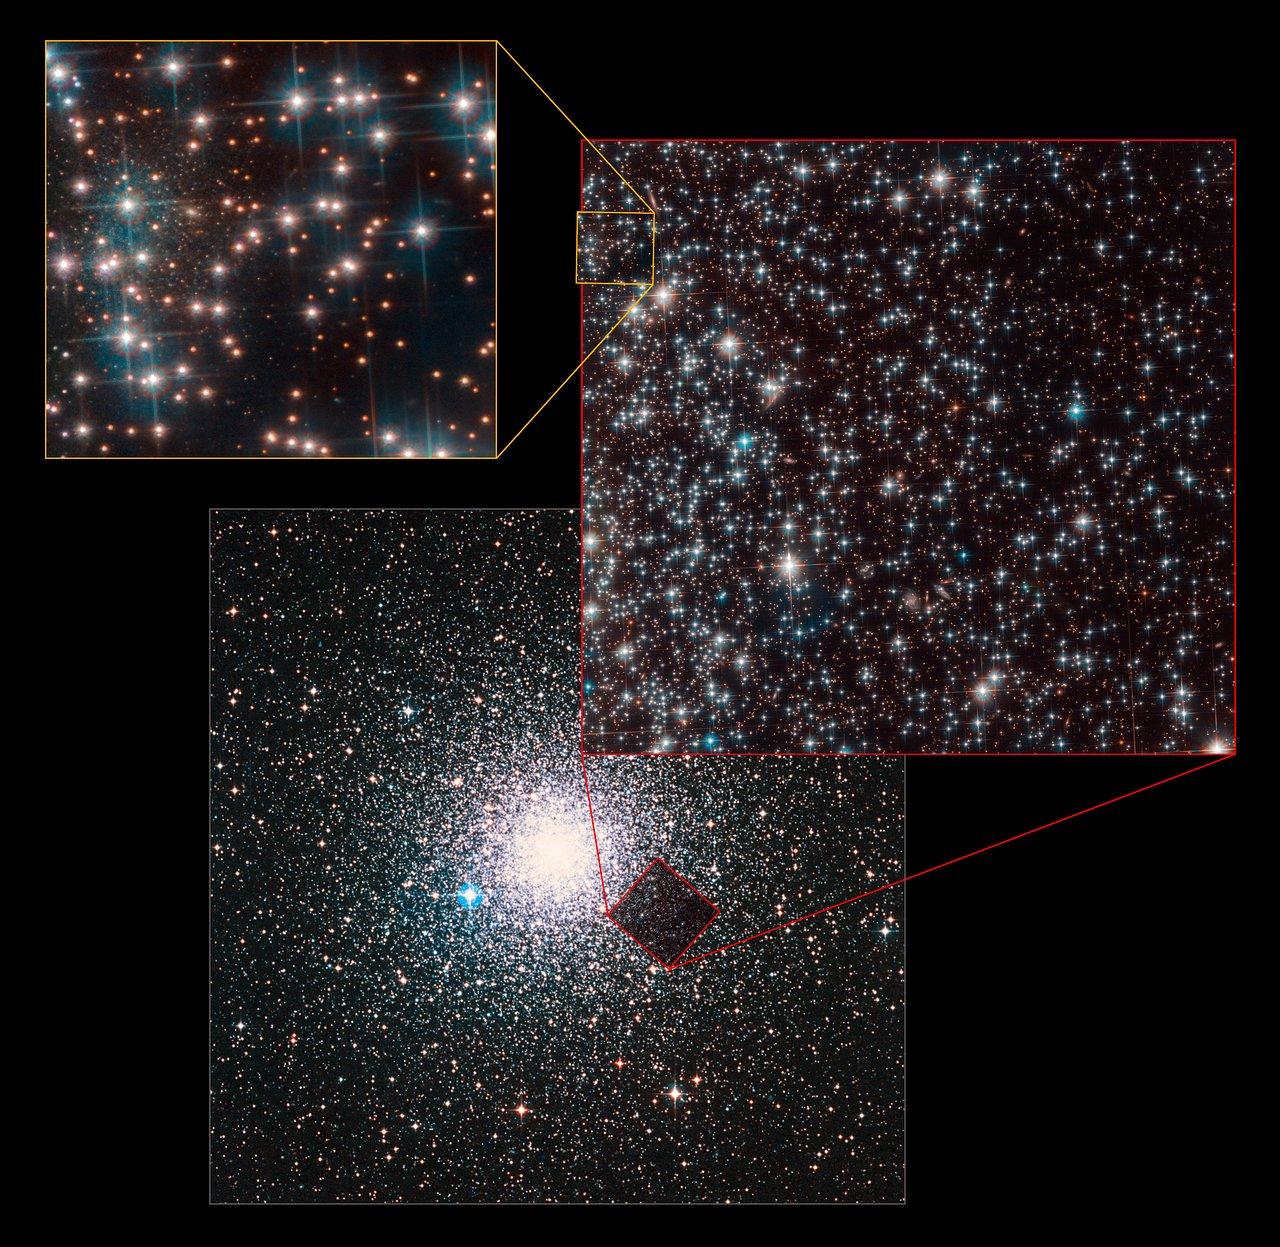 Un descubrimiento inesperado a través del cúmulo globular NGC 6752 –  UNIVERSO Blog